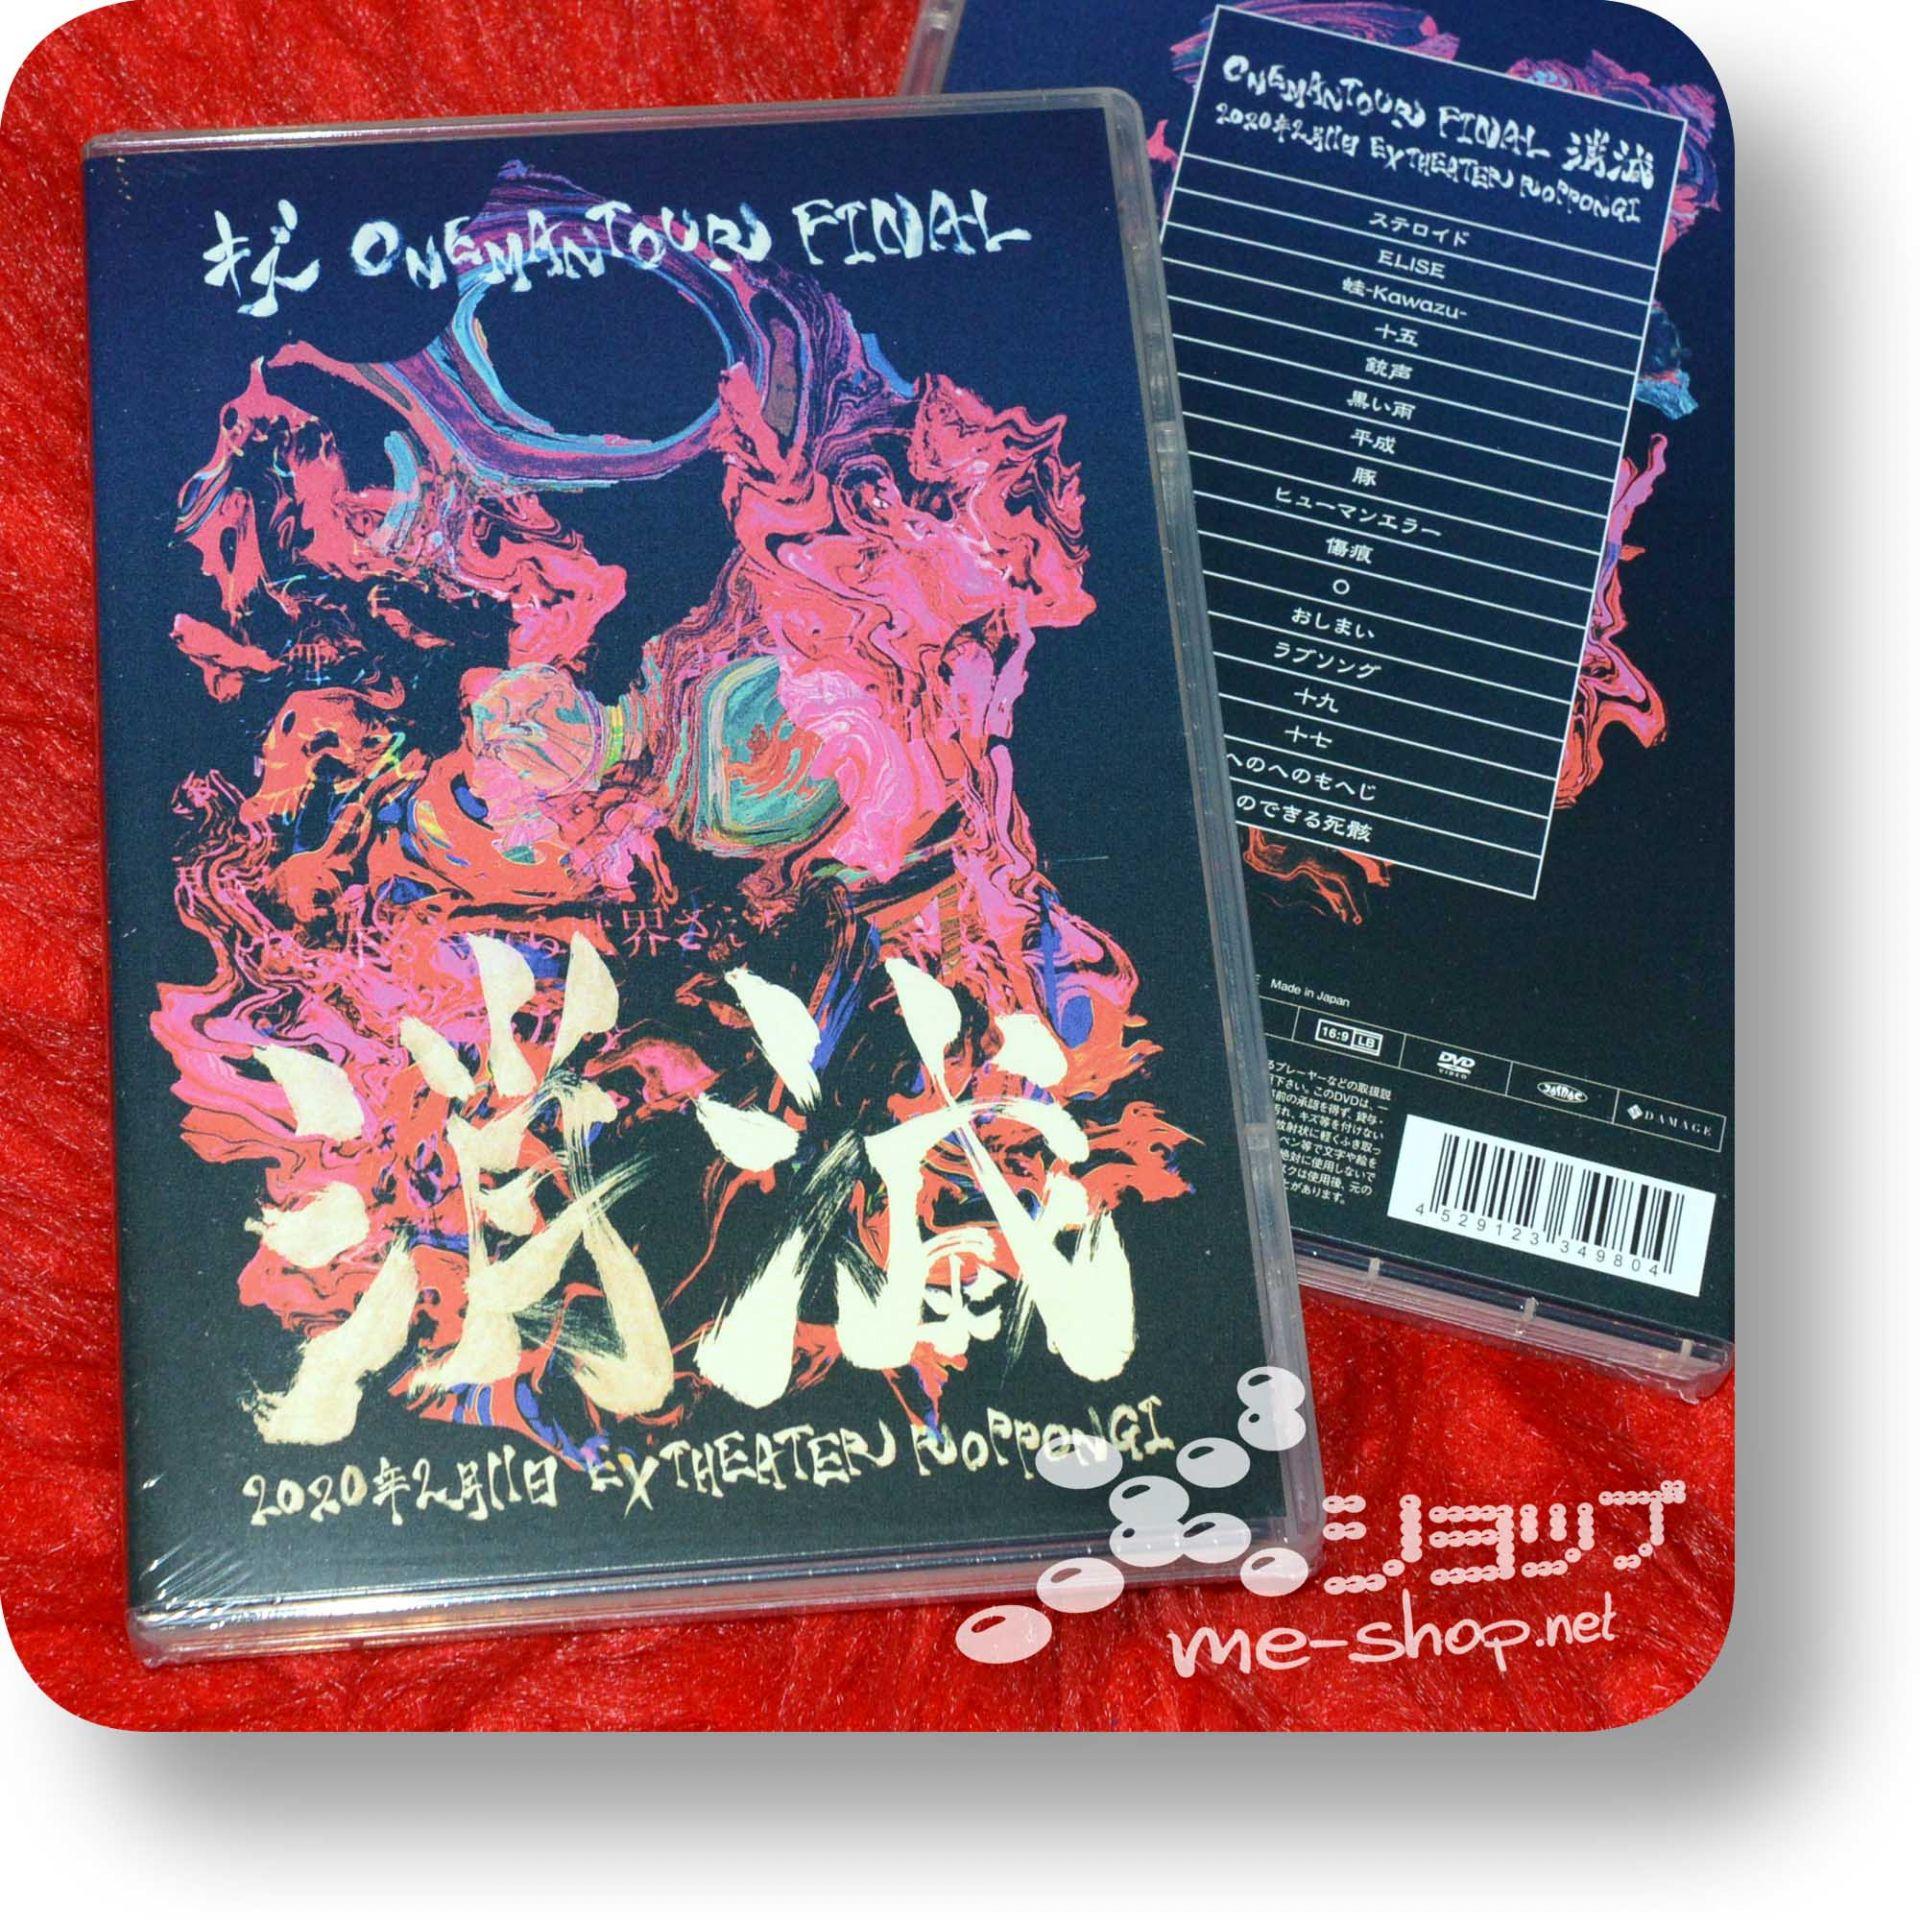 kizu oneman tour final 2020 dvd